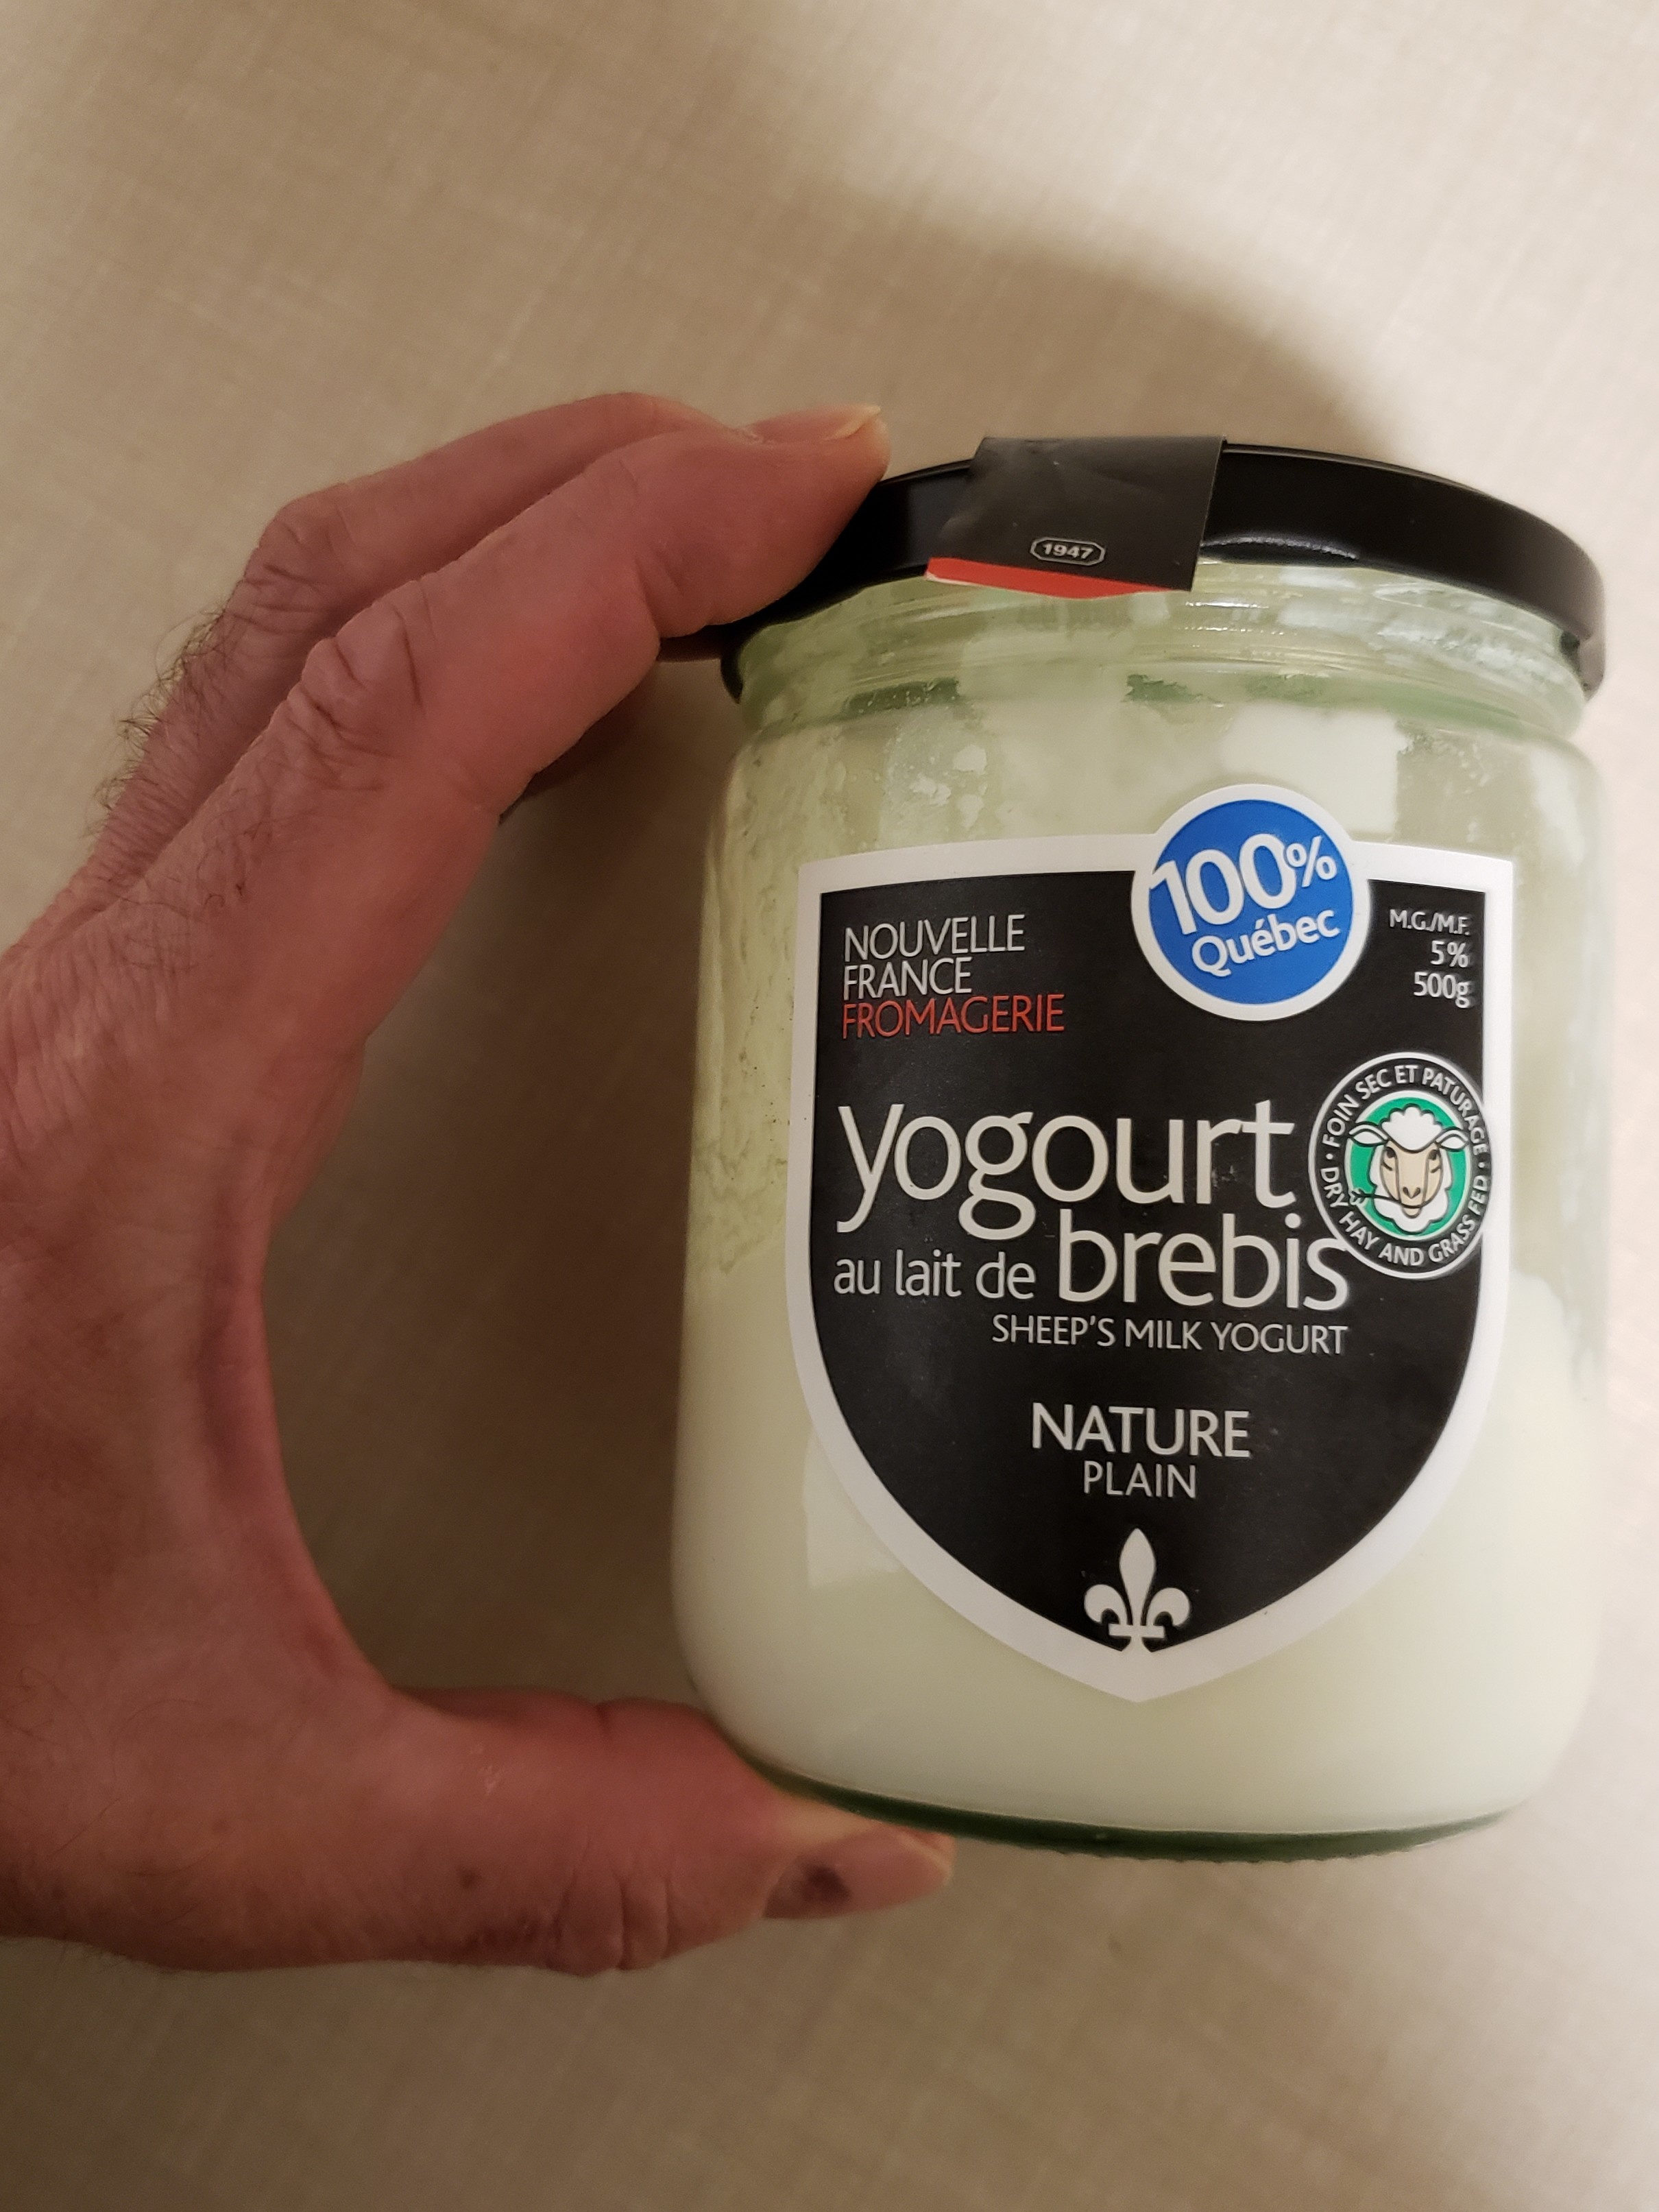 Yogourt au lait de brebis - Product - fr